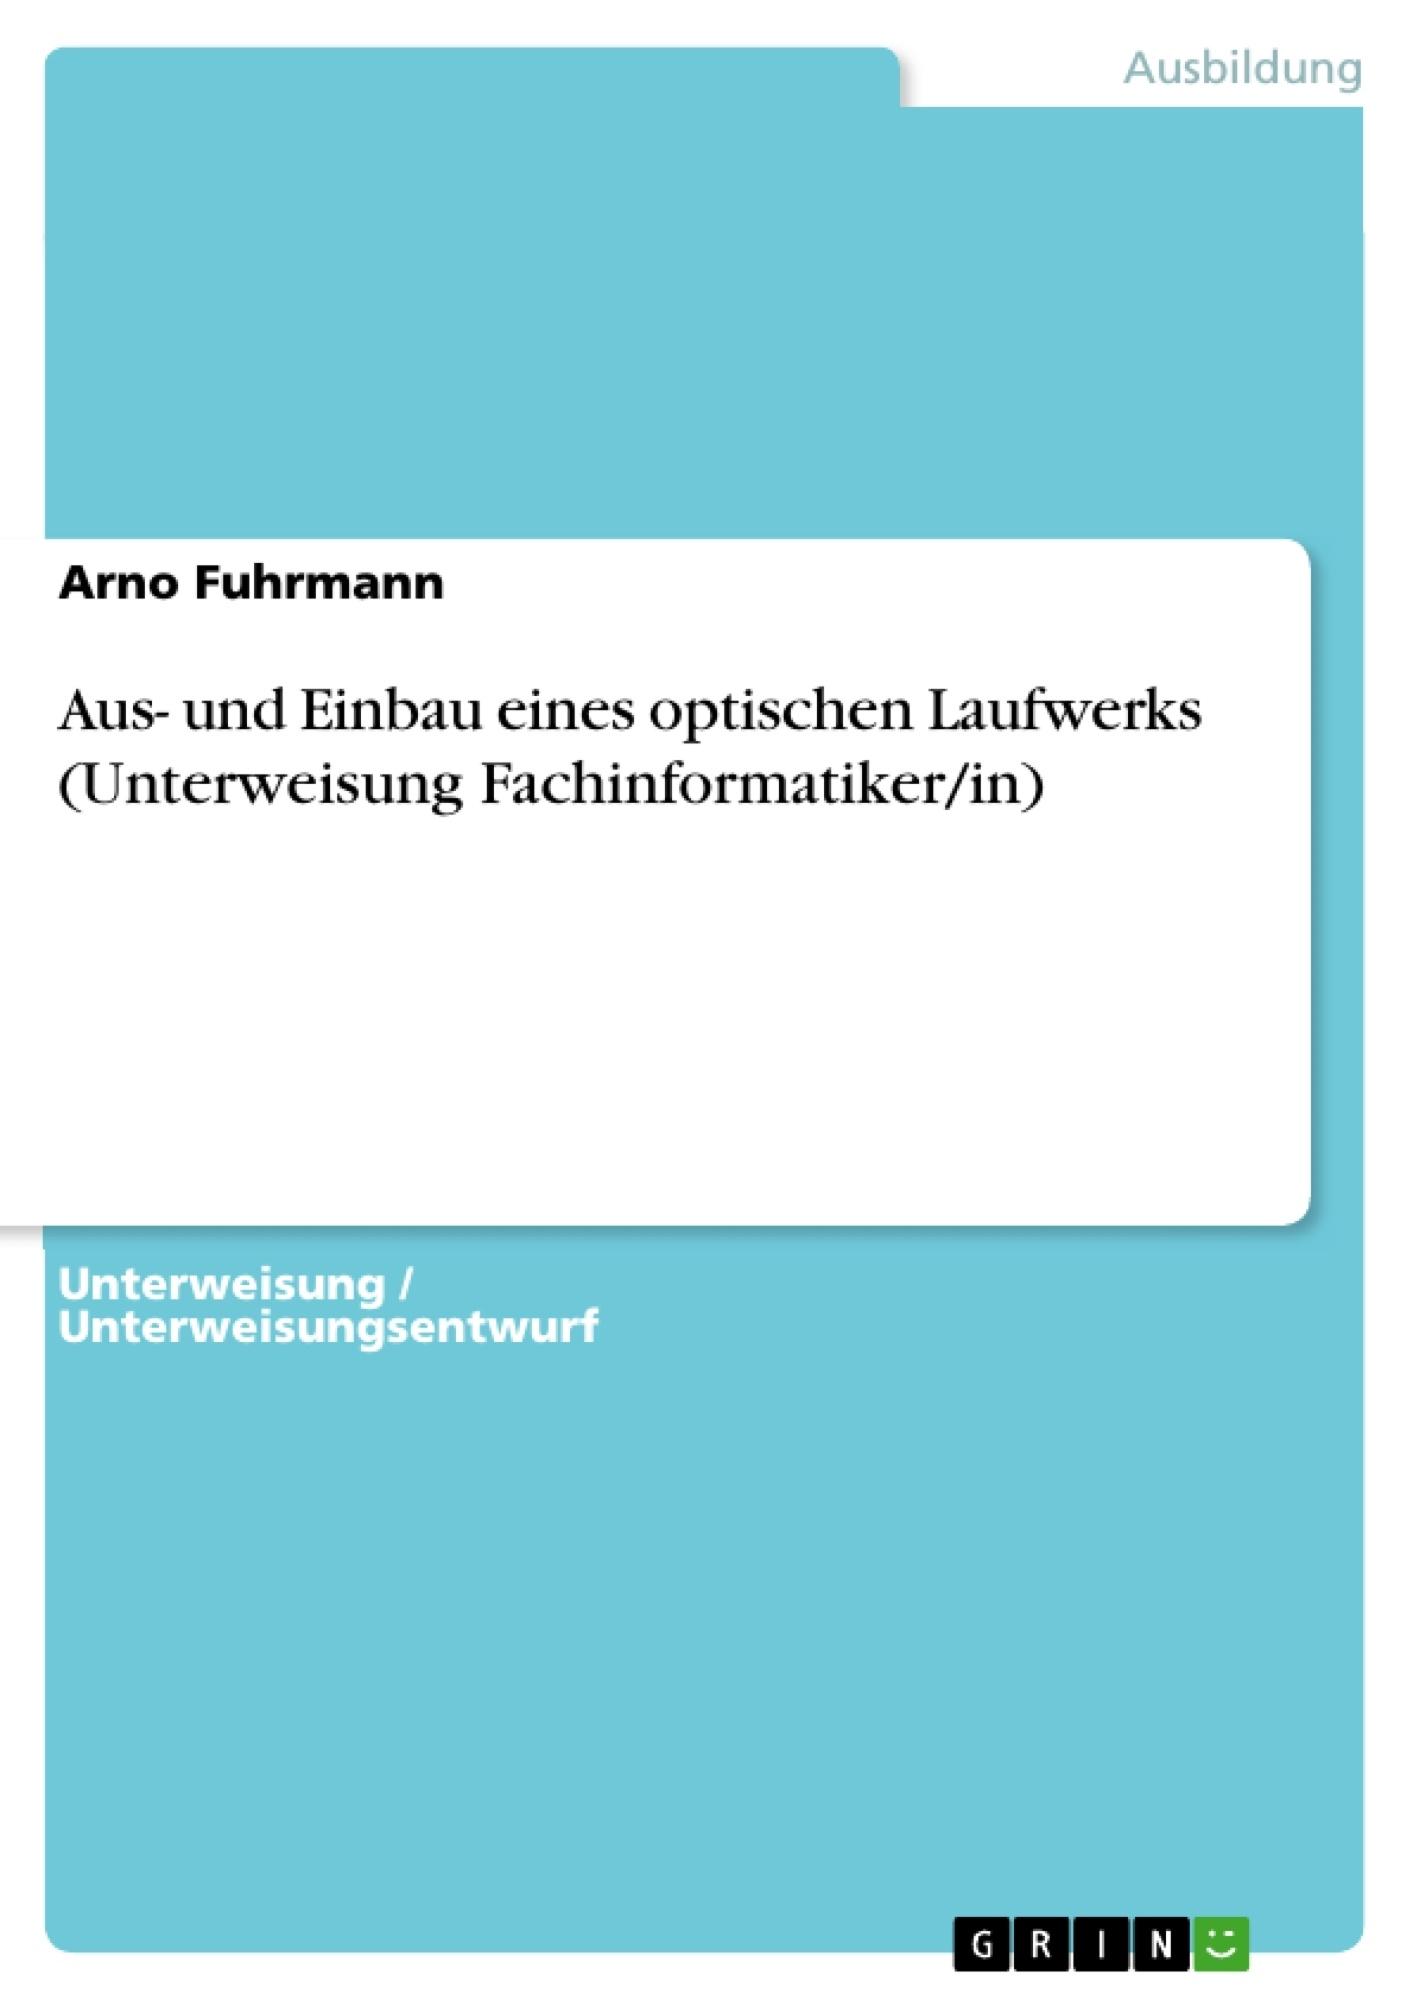 Titel: Aus- und Einbau eines optischen Laufwerks (Unterweisung Fachinformatiker/in)